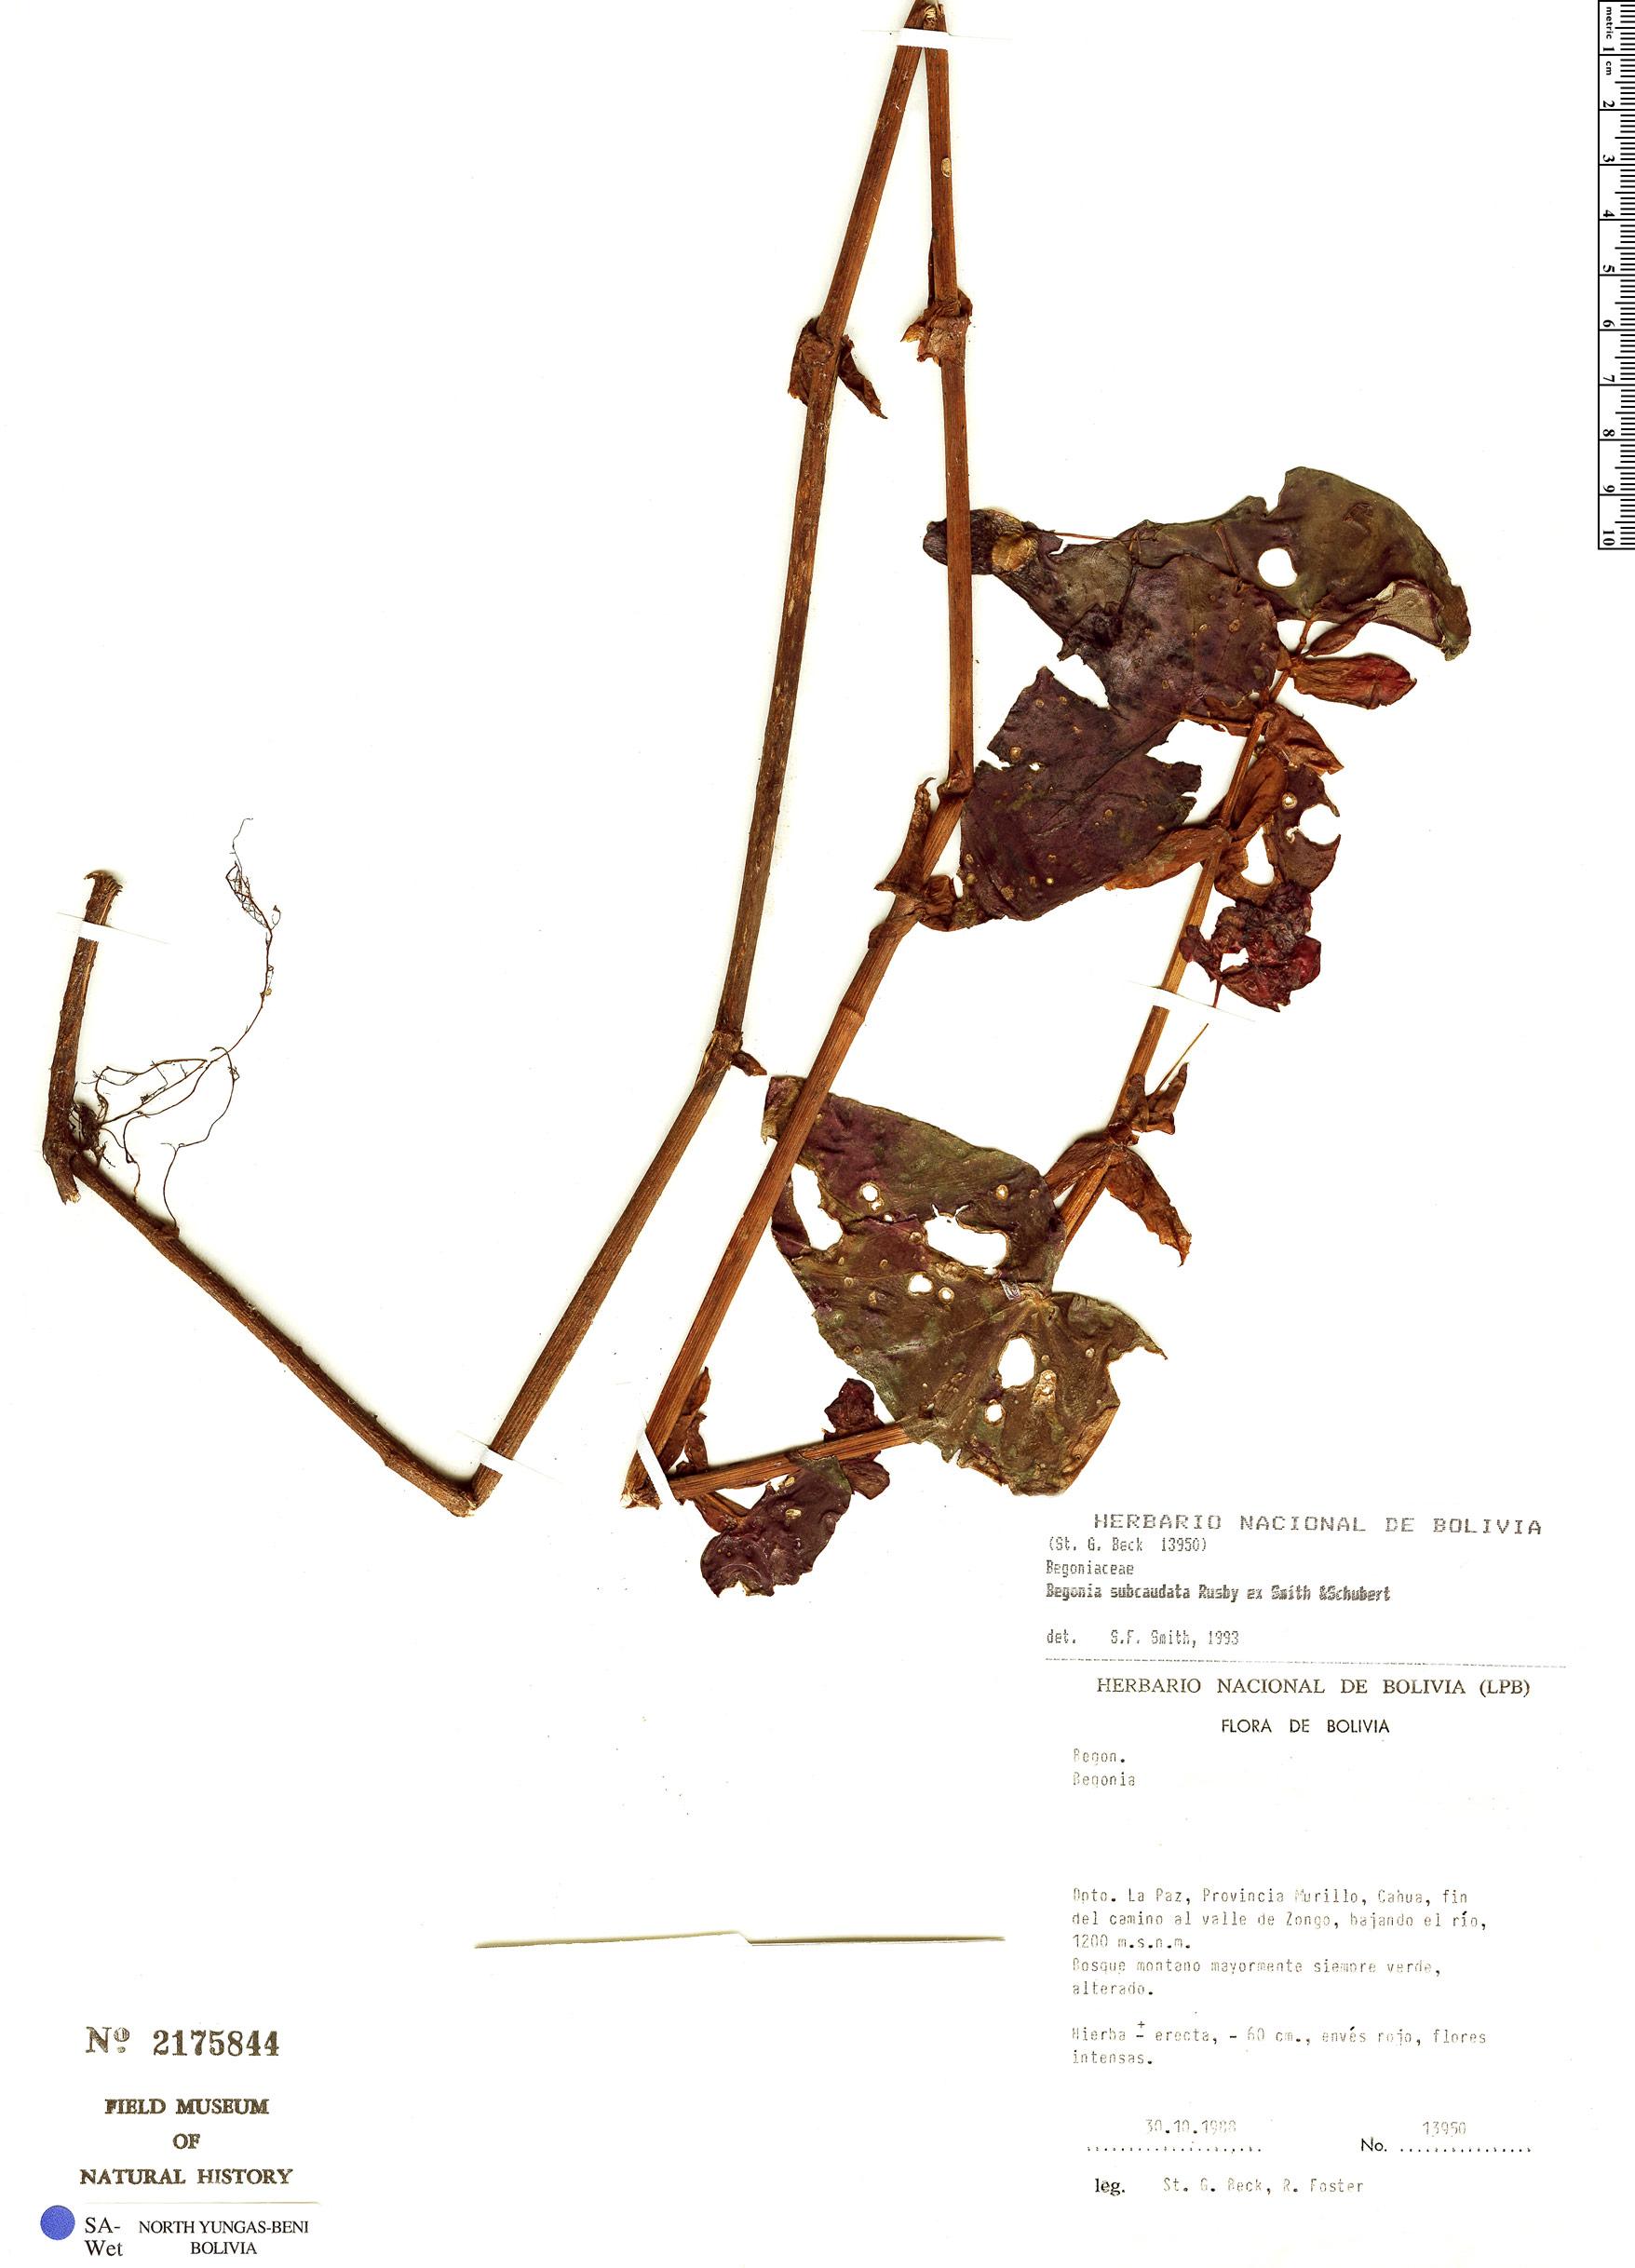 Espécime: Begonia subcaudata